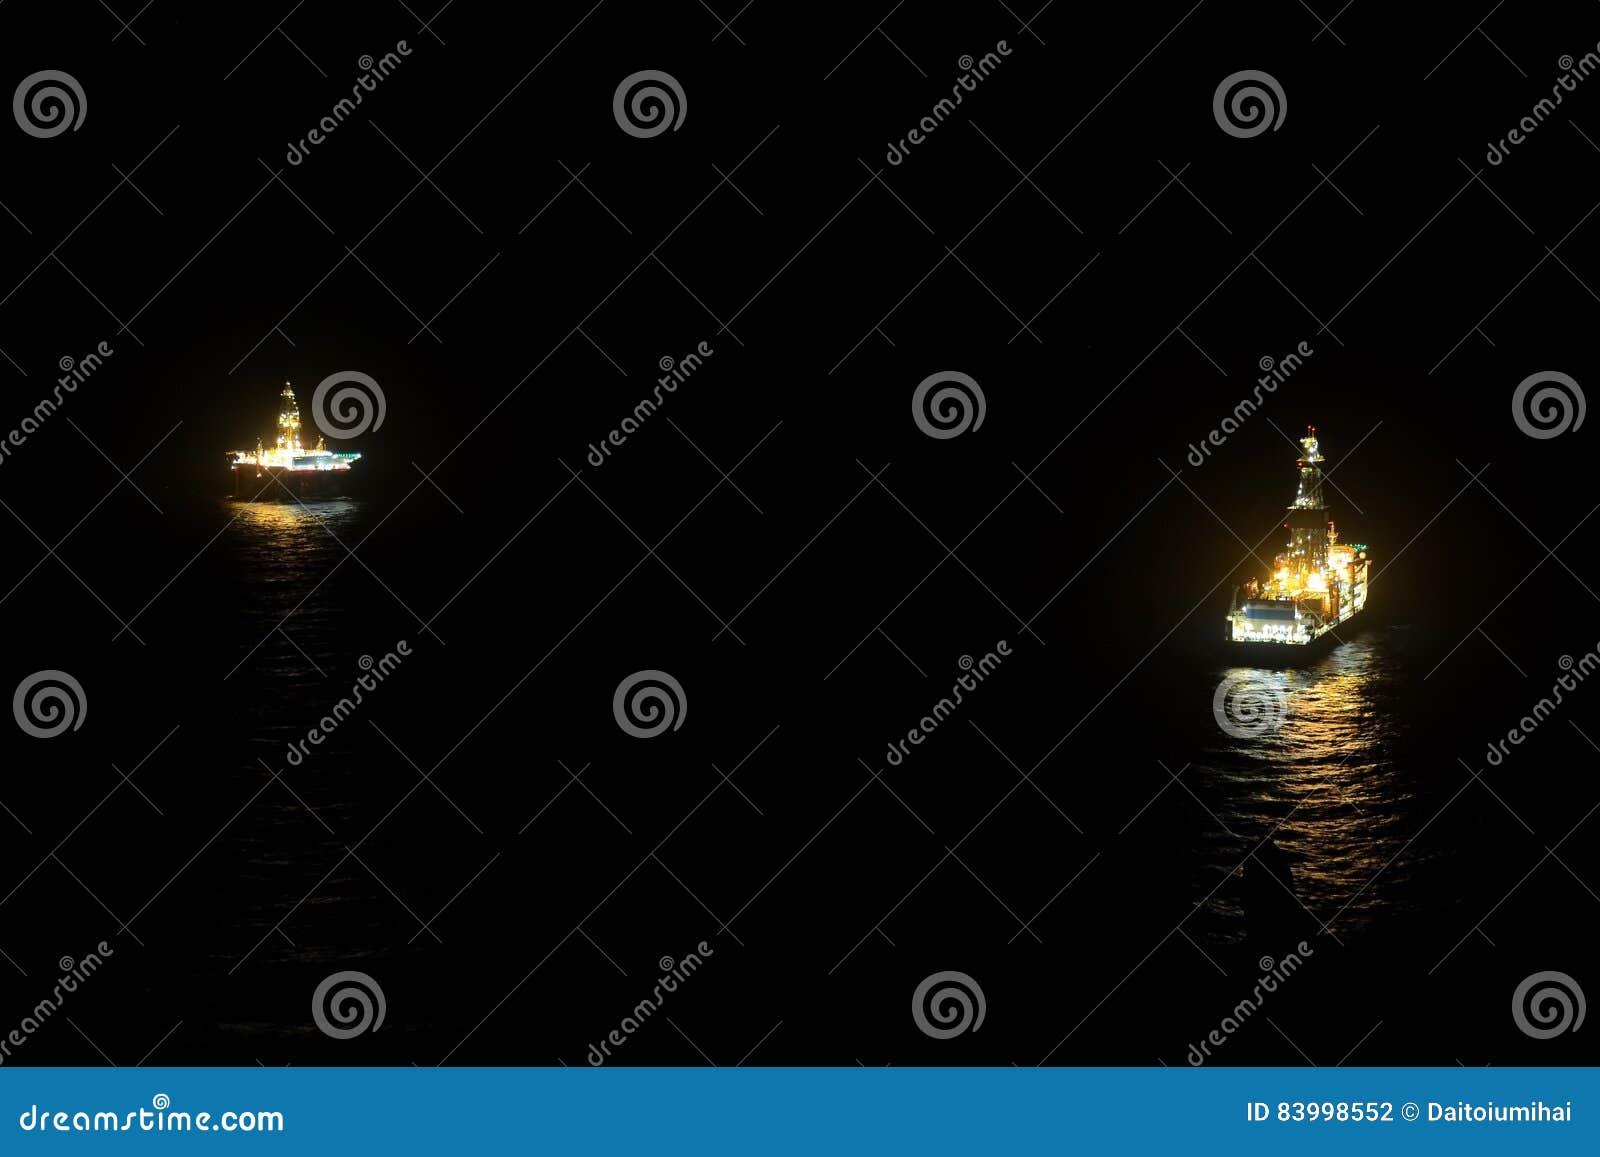 Olieplatform en schip op het overzees